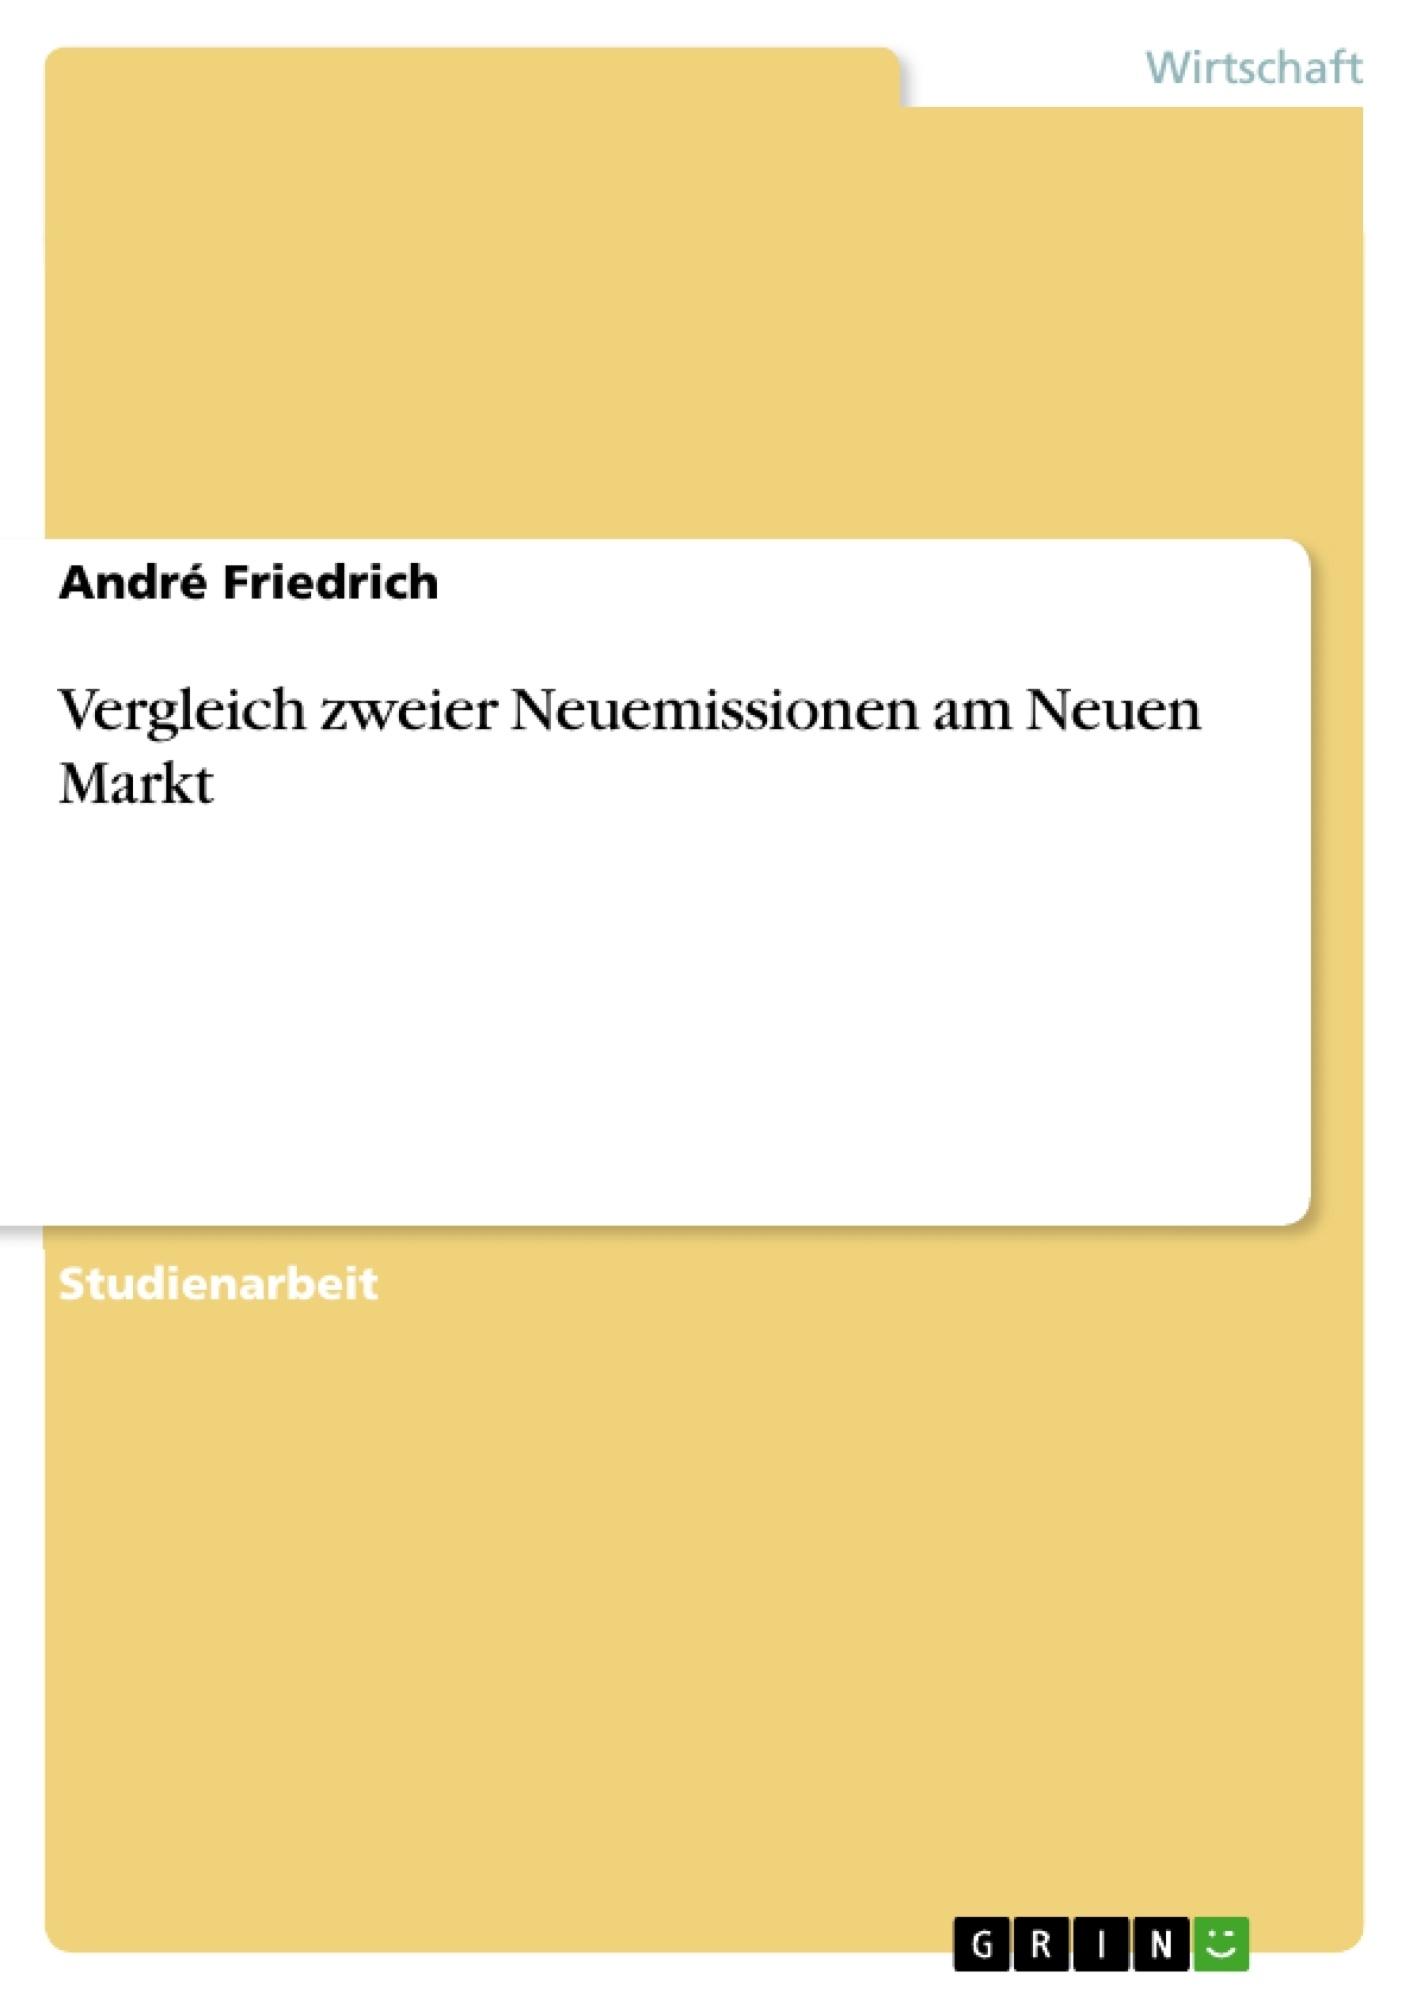 Titel: Vergleich zweier Neuemissionen am Neuen Markt